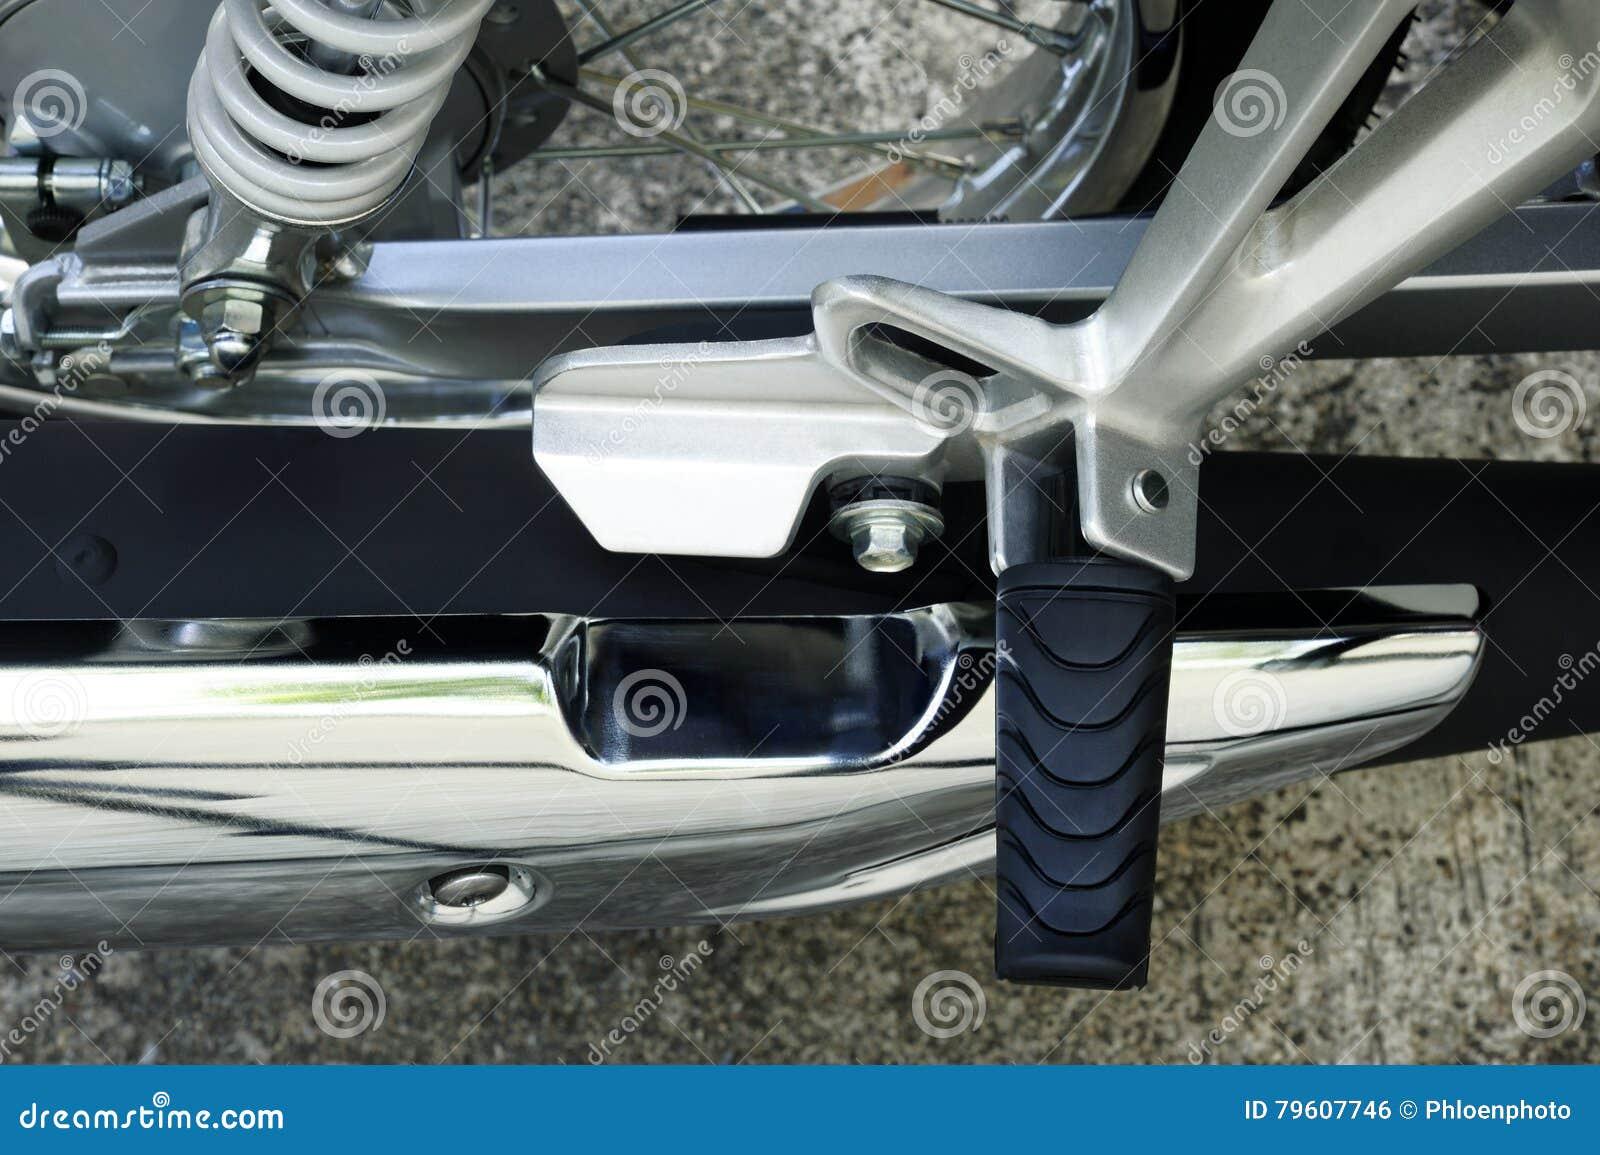 Motocicleta do assento para pés